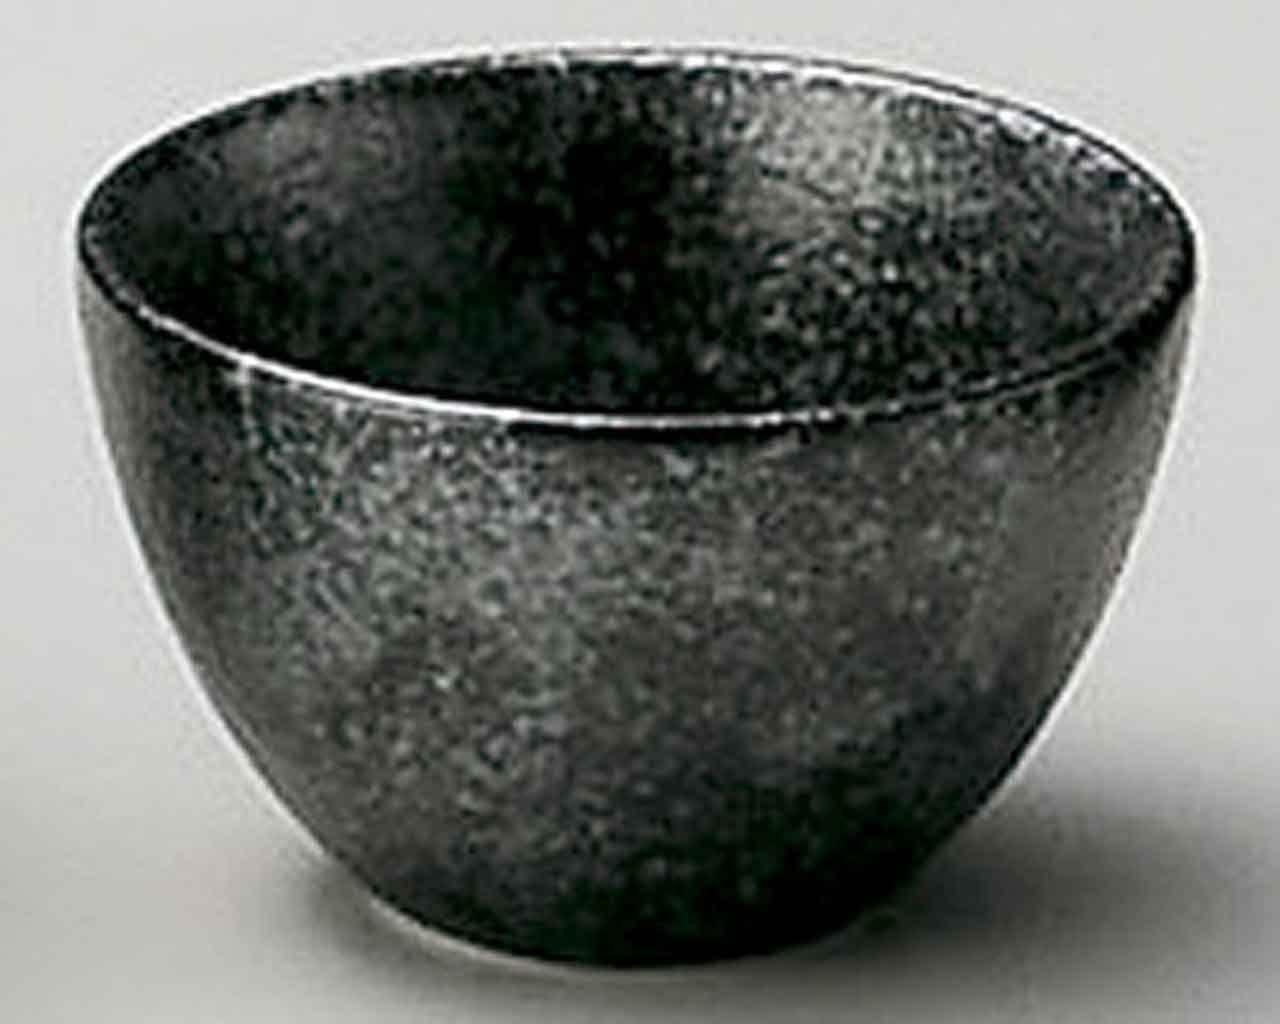 Silver & Black 2.2inch Sake Cup Black porcelain Made in Japan